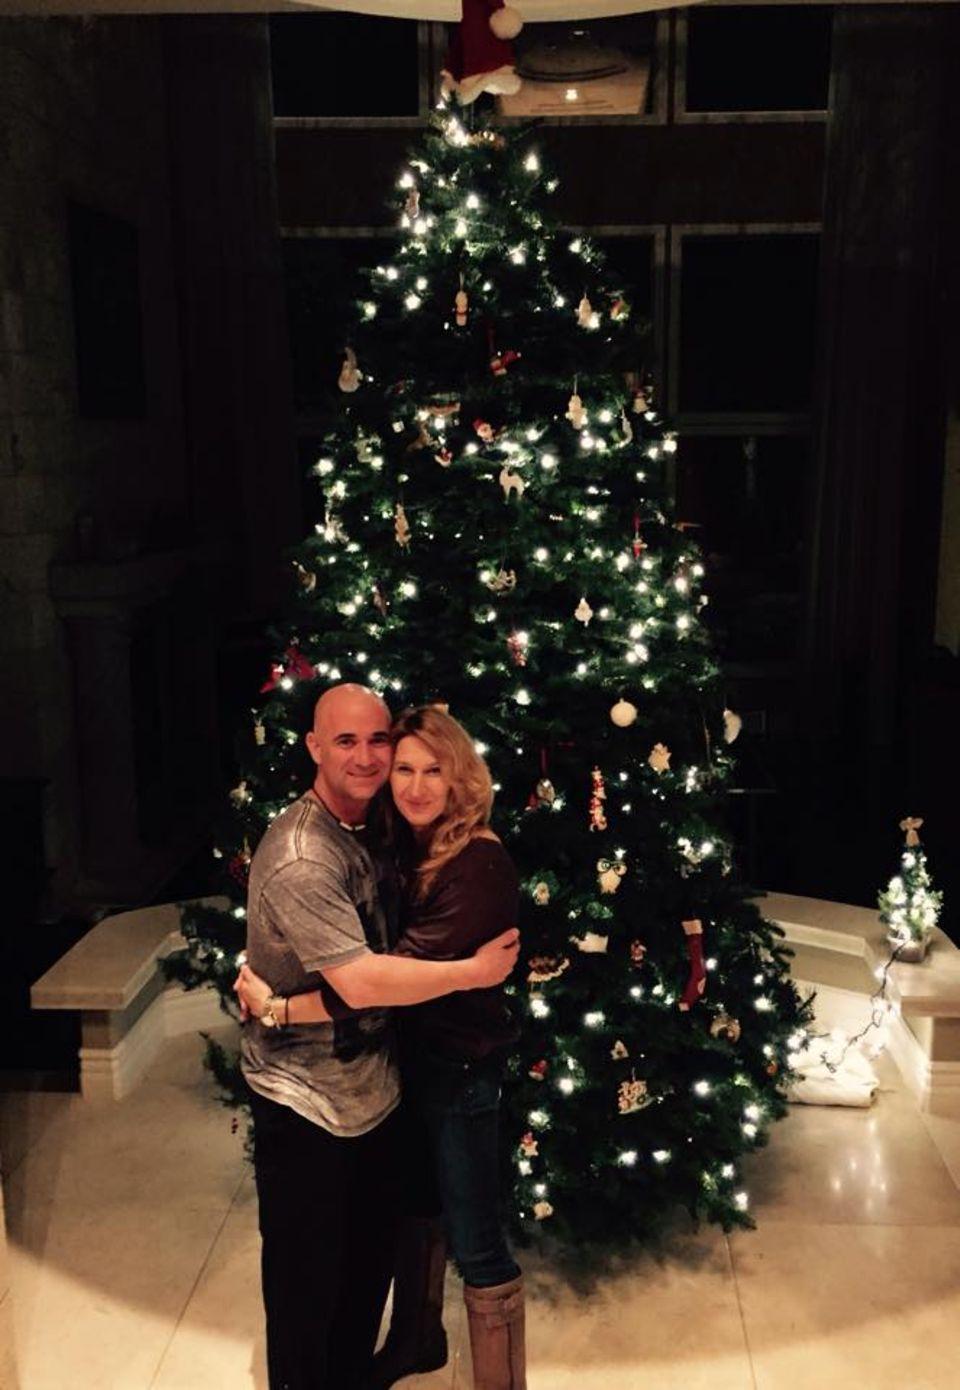 Stefanie Graf und ihr Mann Andre Agassi hatten noch nie so einen großen Weihnachtsbaum in ihrer Wohnung.